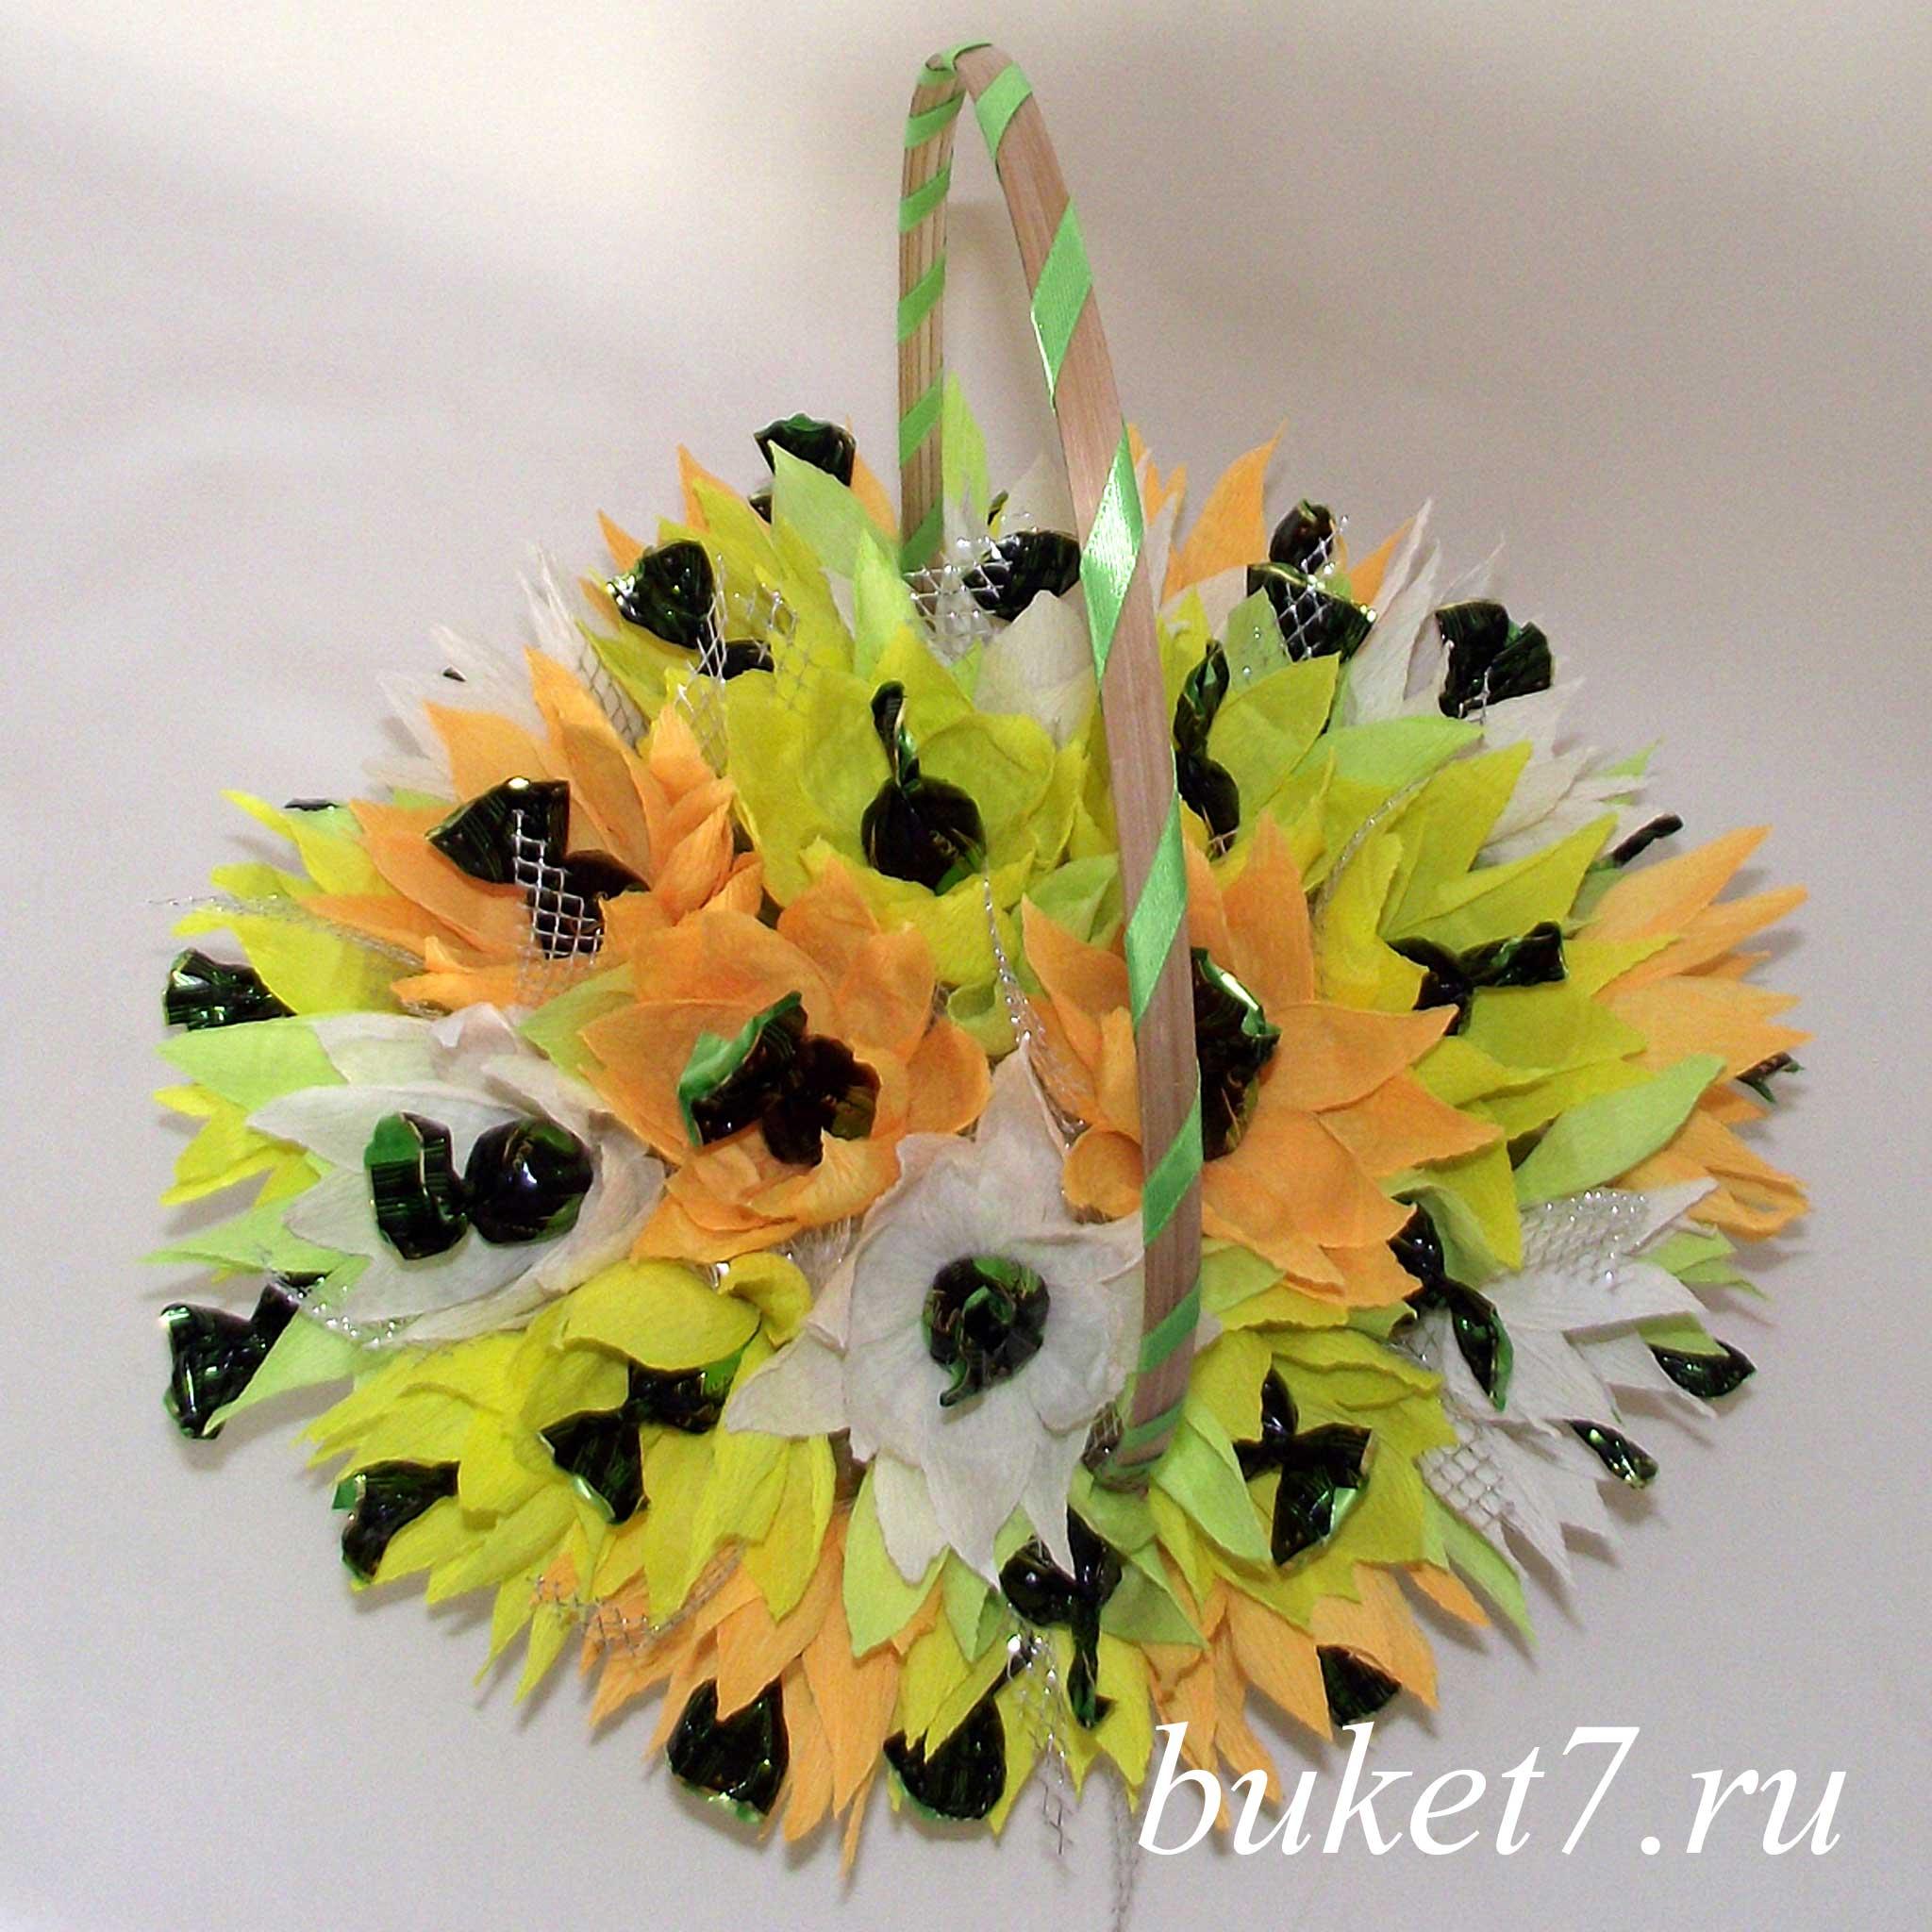 Как сделать корзину с конфетами и цветами